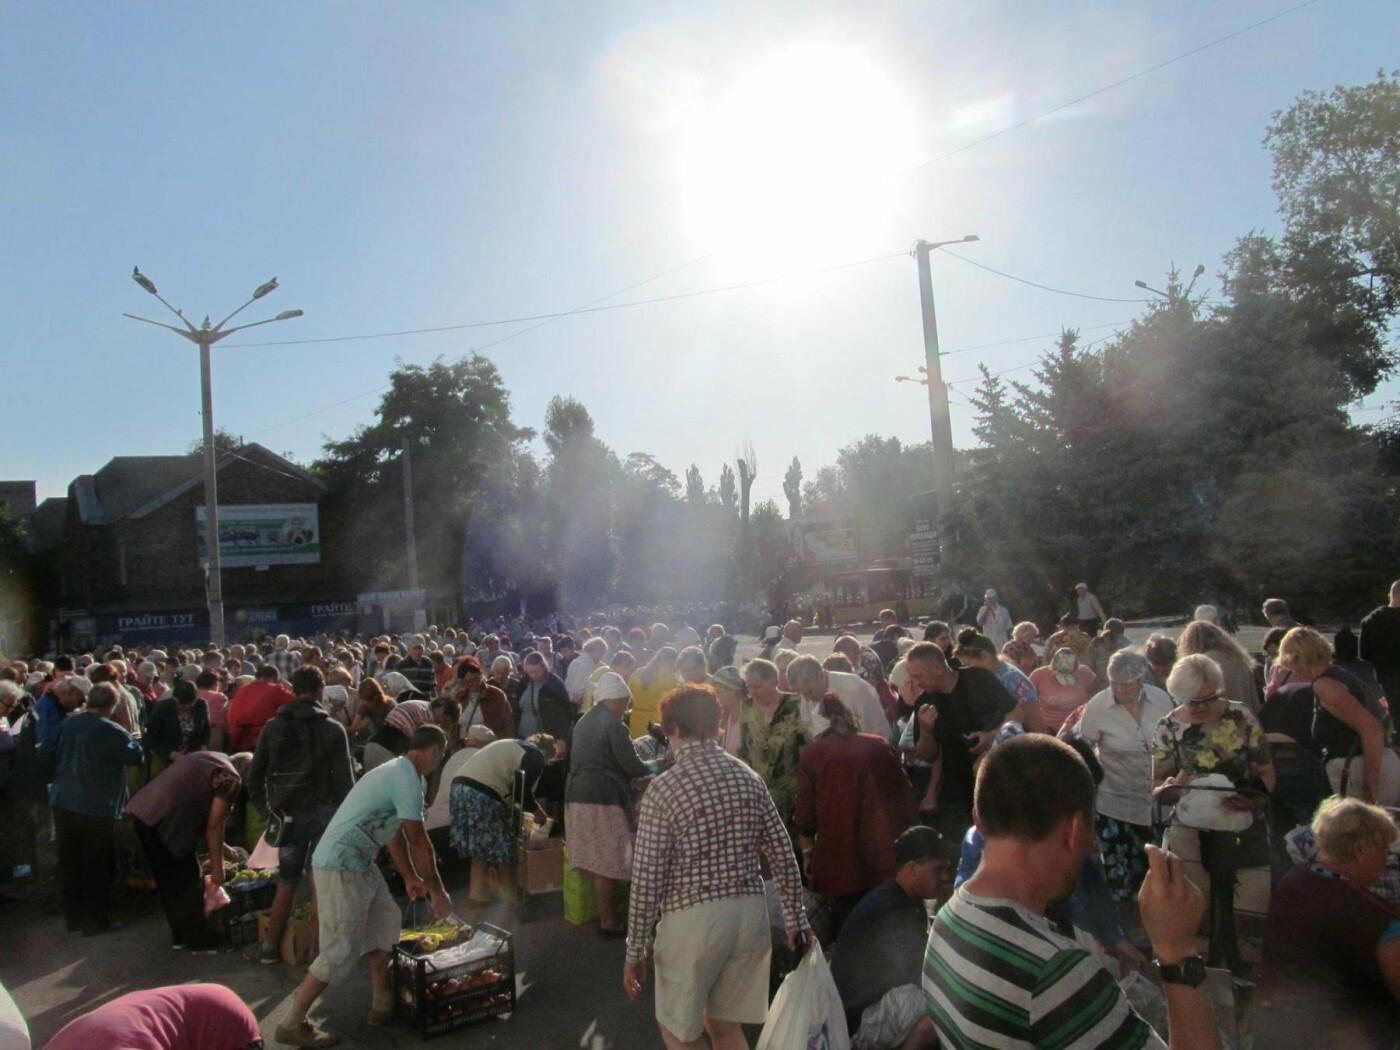 Базар-вокзал в Кривом Роге: Горожане предложили упорядочить стихийный рынок на Долгинцево, - ФОТО, фото-12